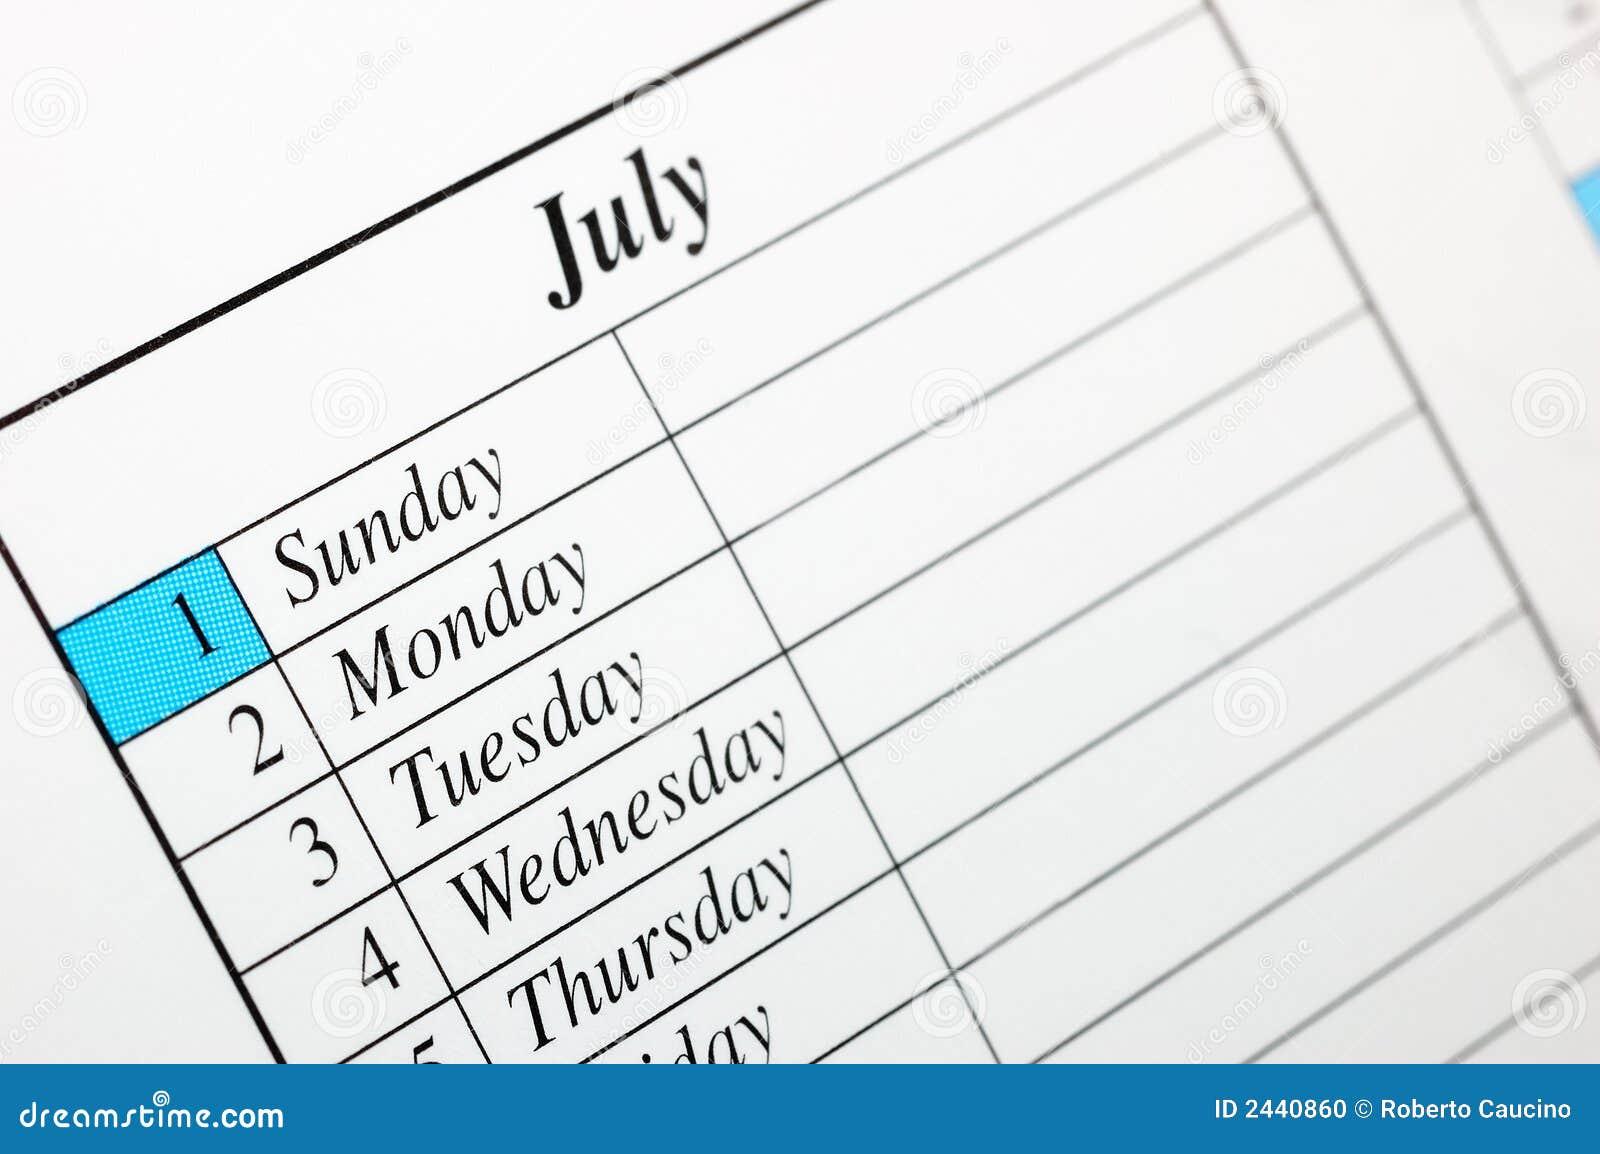 Calendario Luglio 2007.Calendario Il Luglio 2007 Fotografia Stock Immagine Di